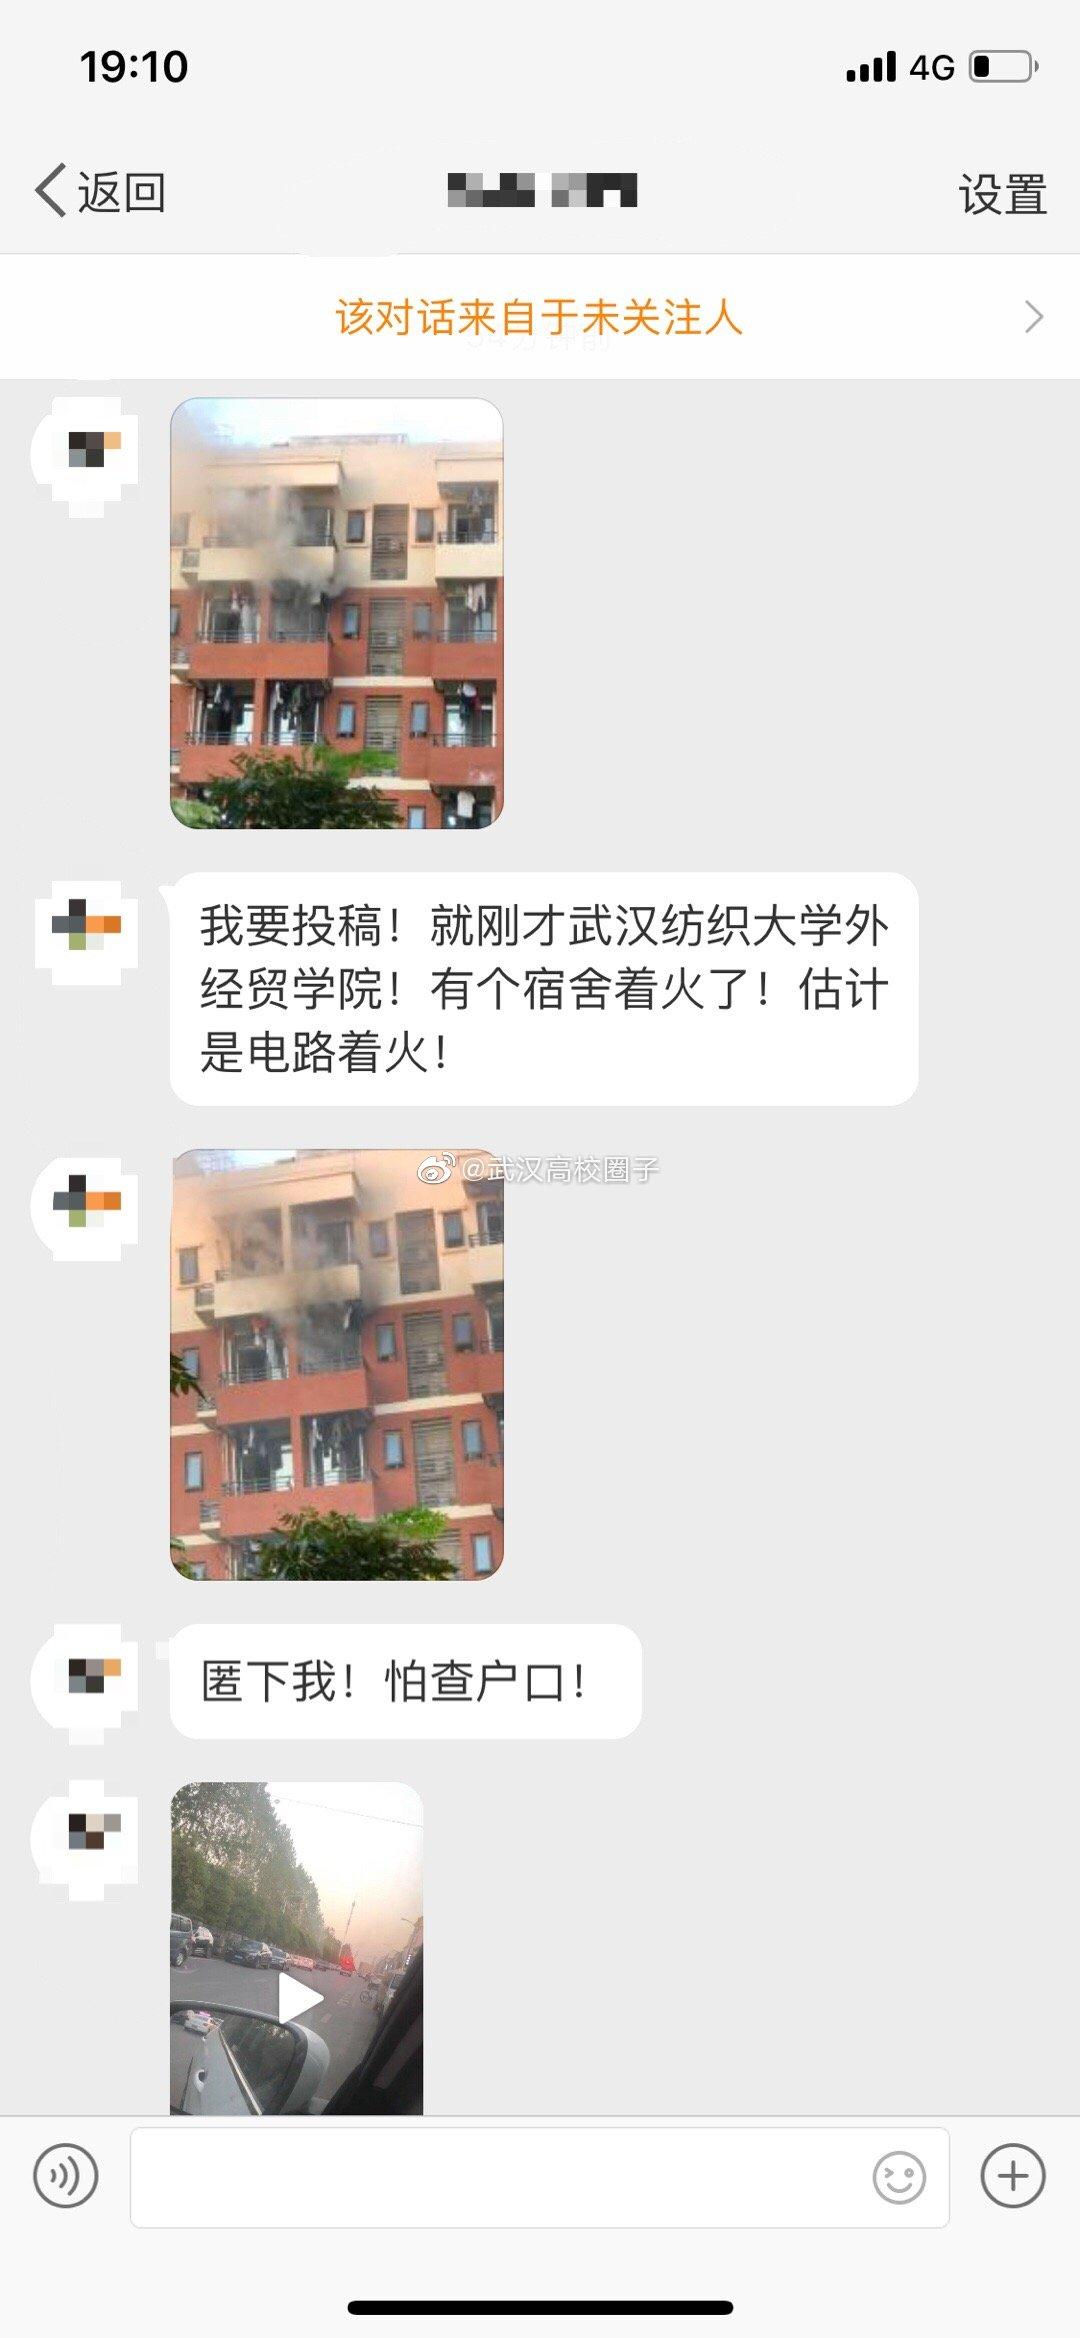 有网友向高校君爆料:我要投稿!就刚才武汉纺织大学外经贸学院